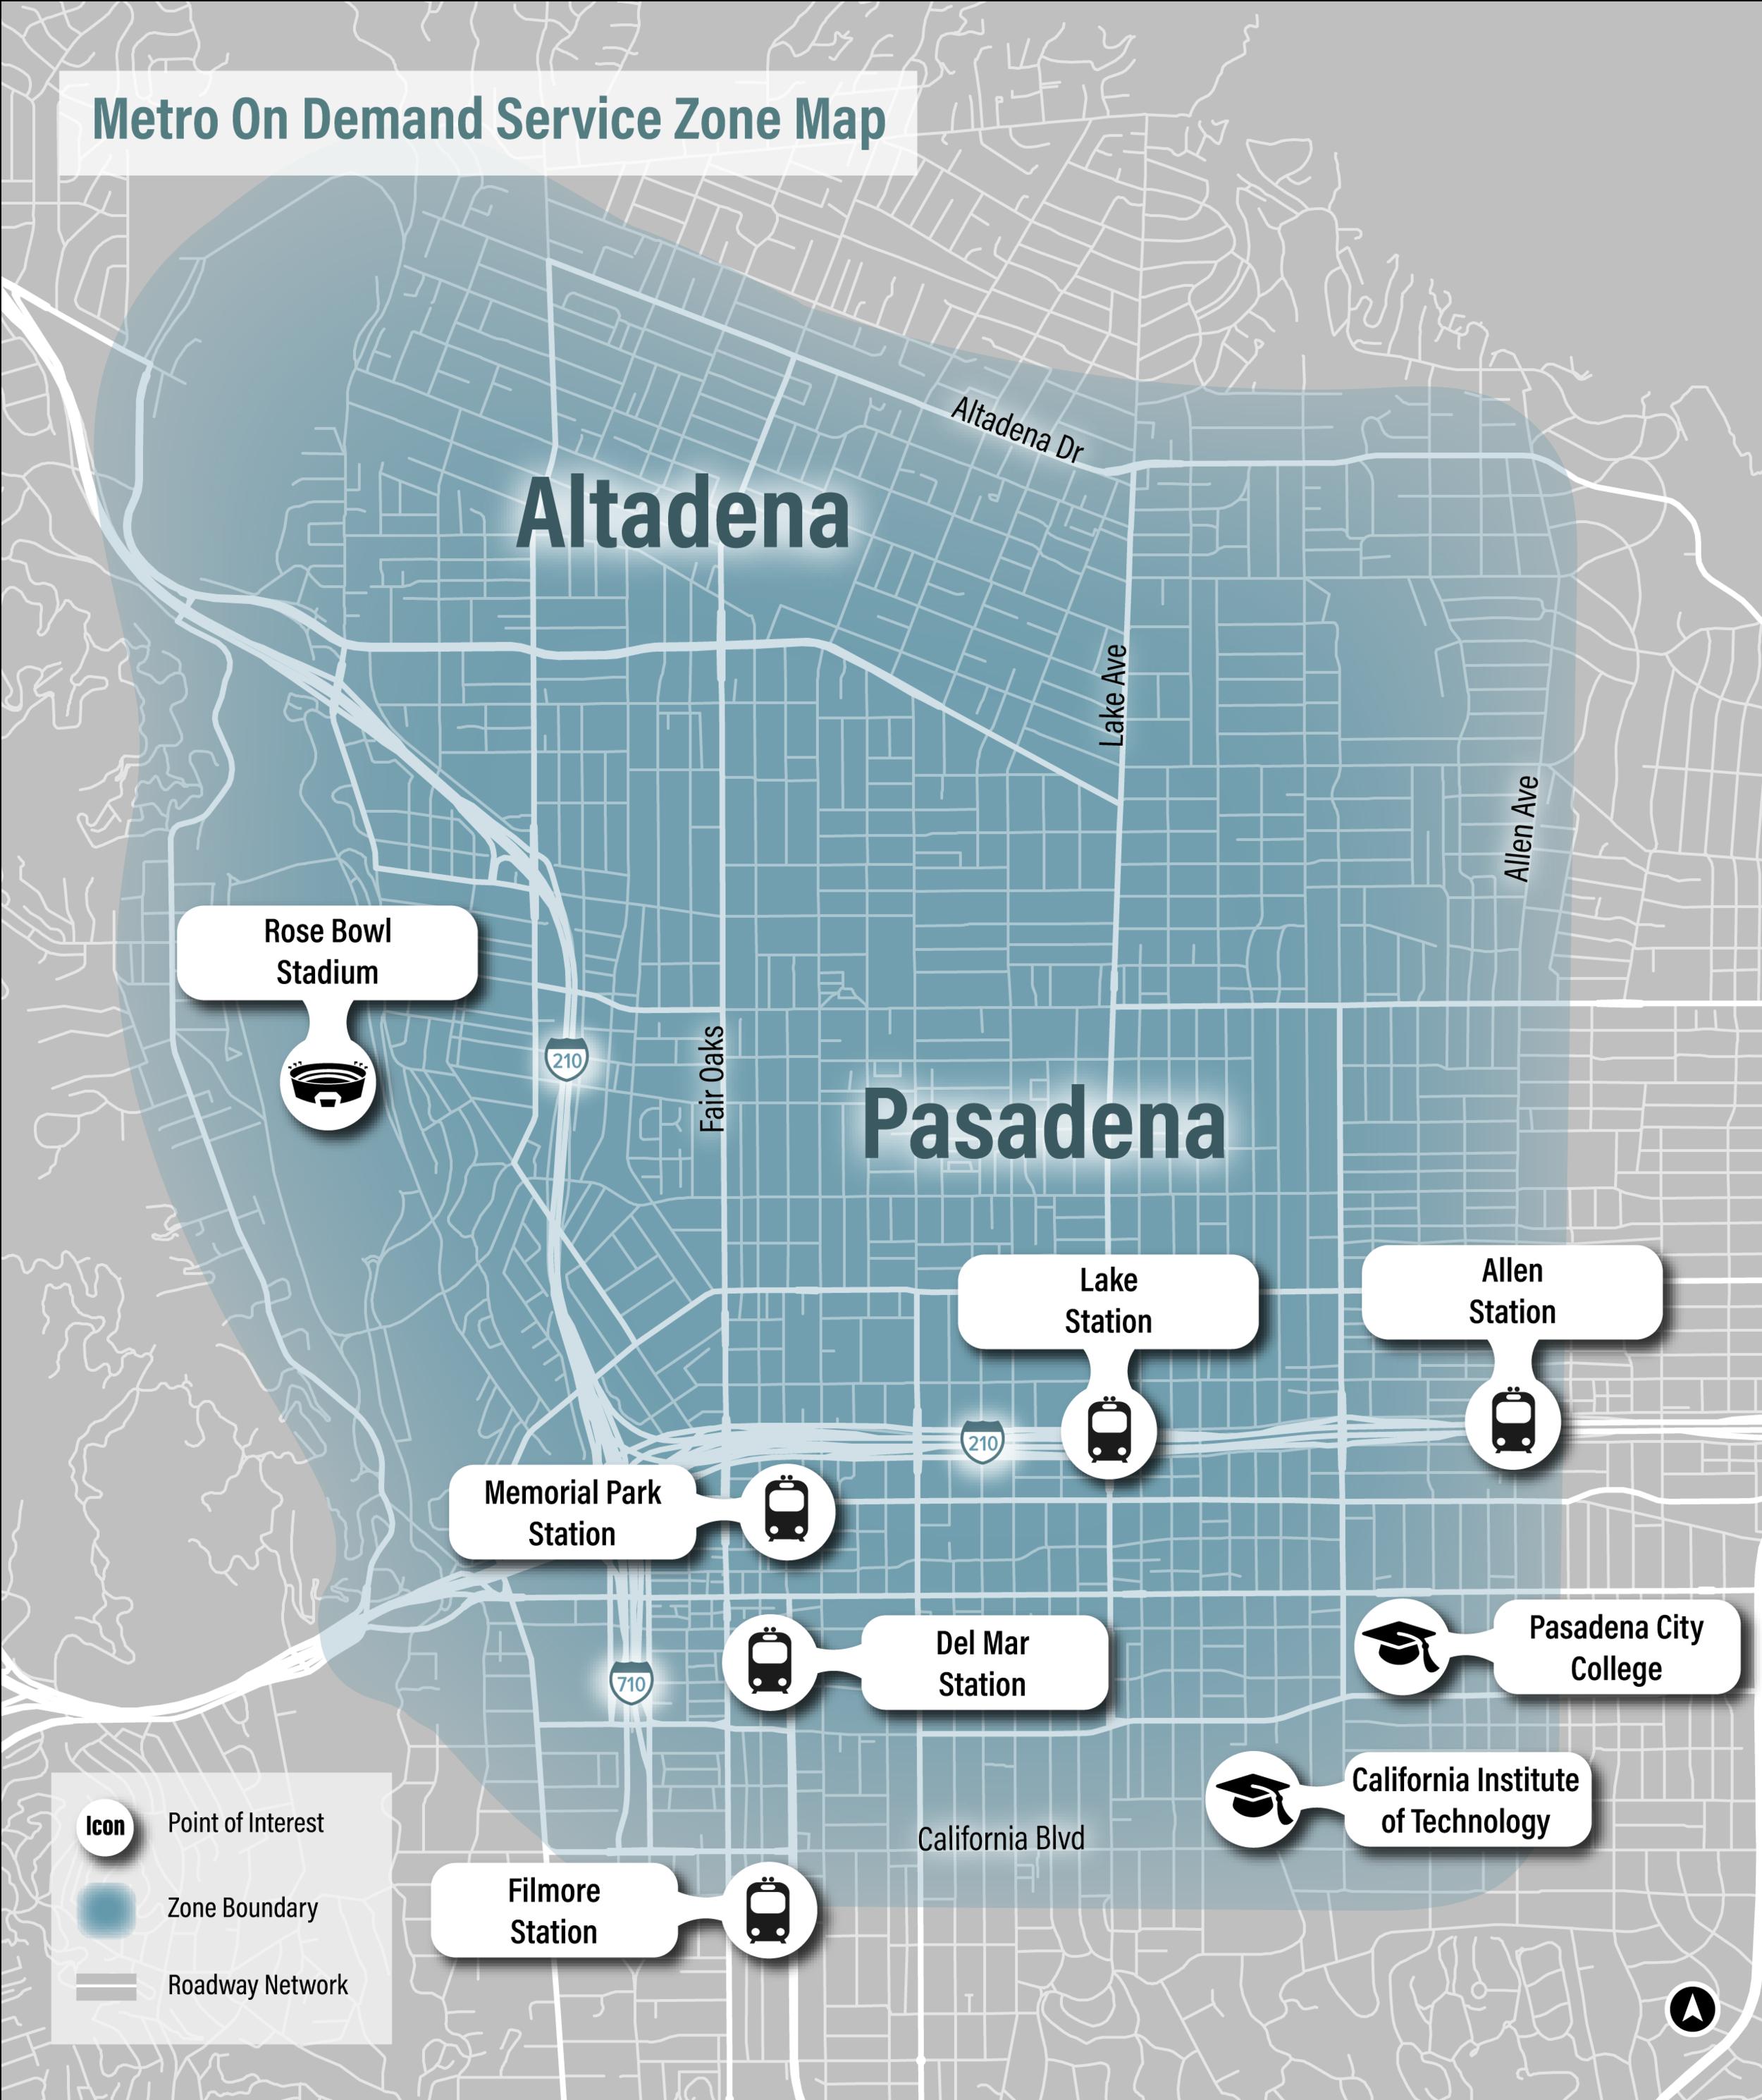 Pasadena-01.png